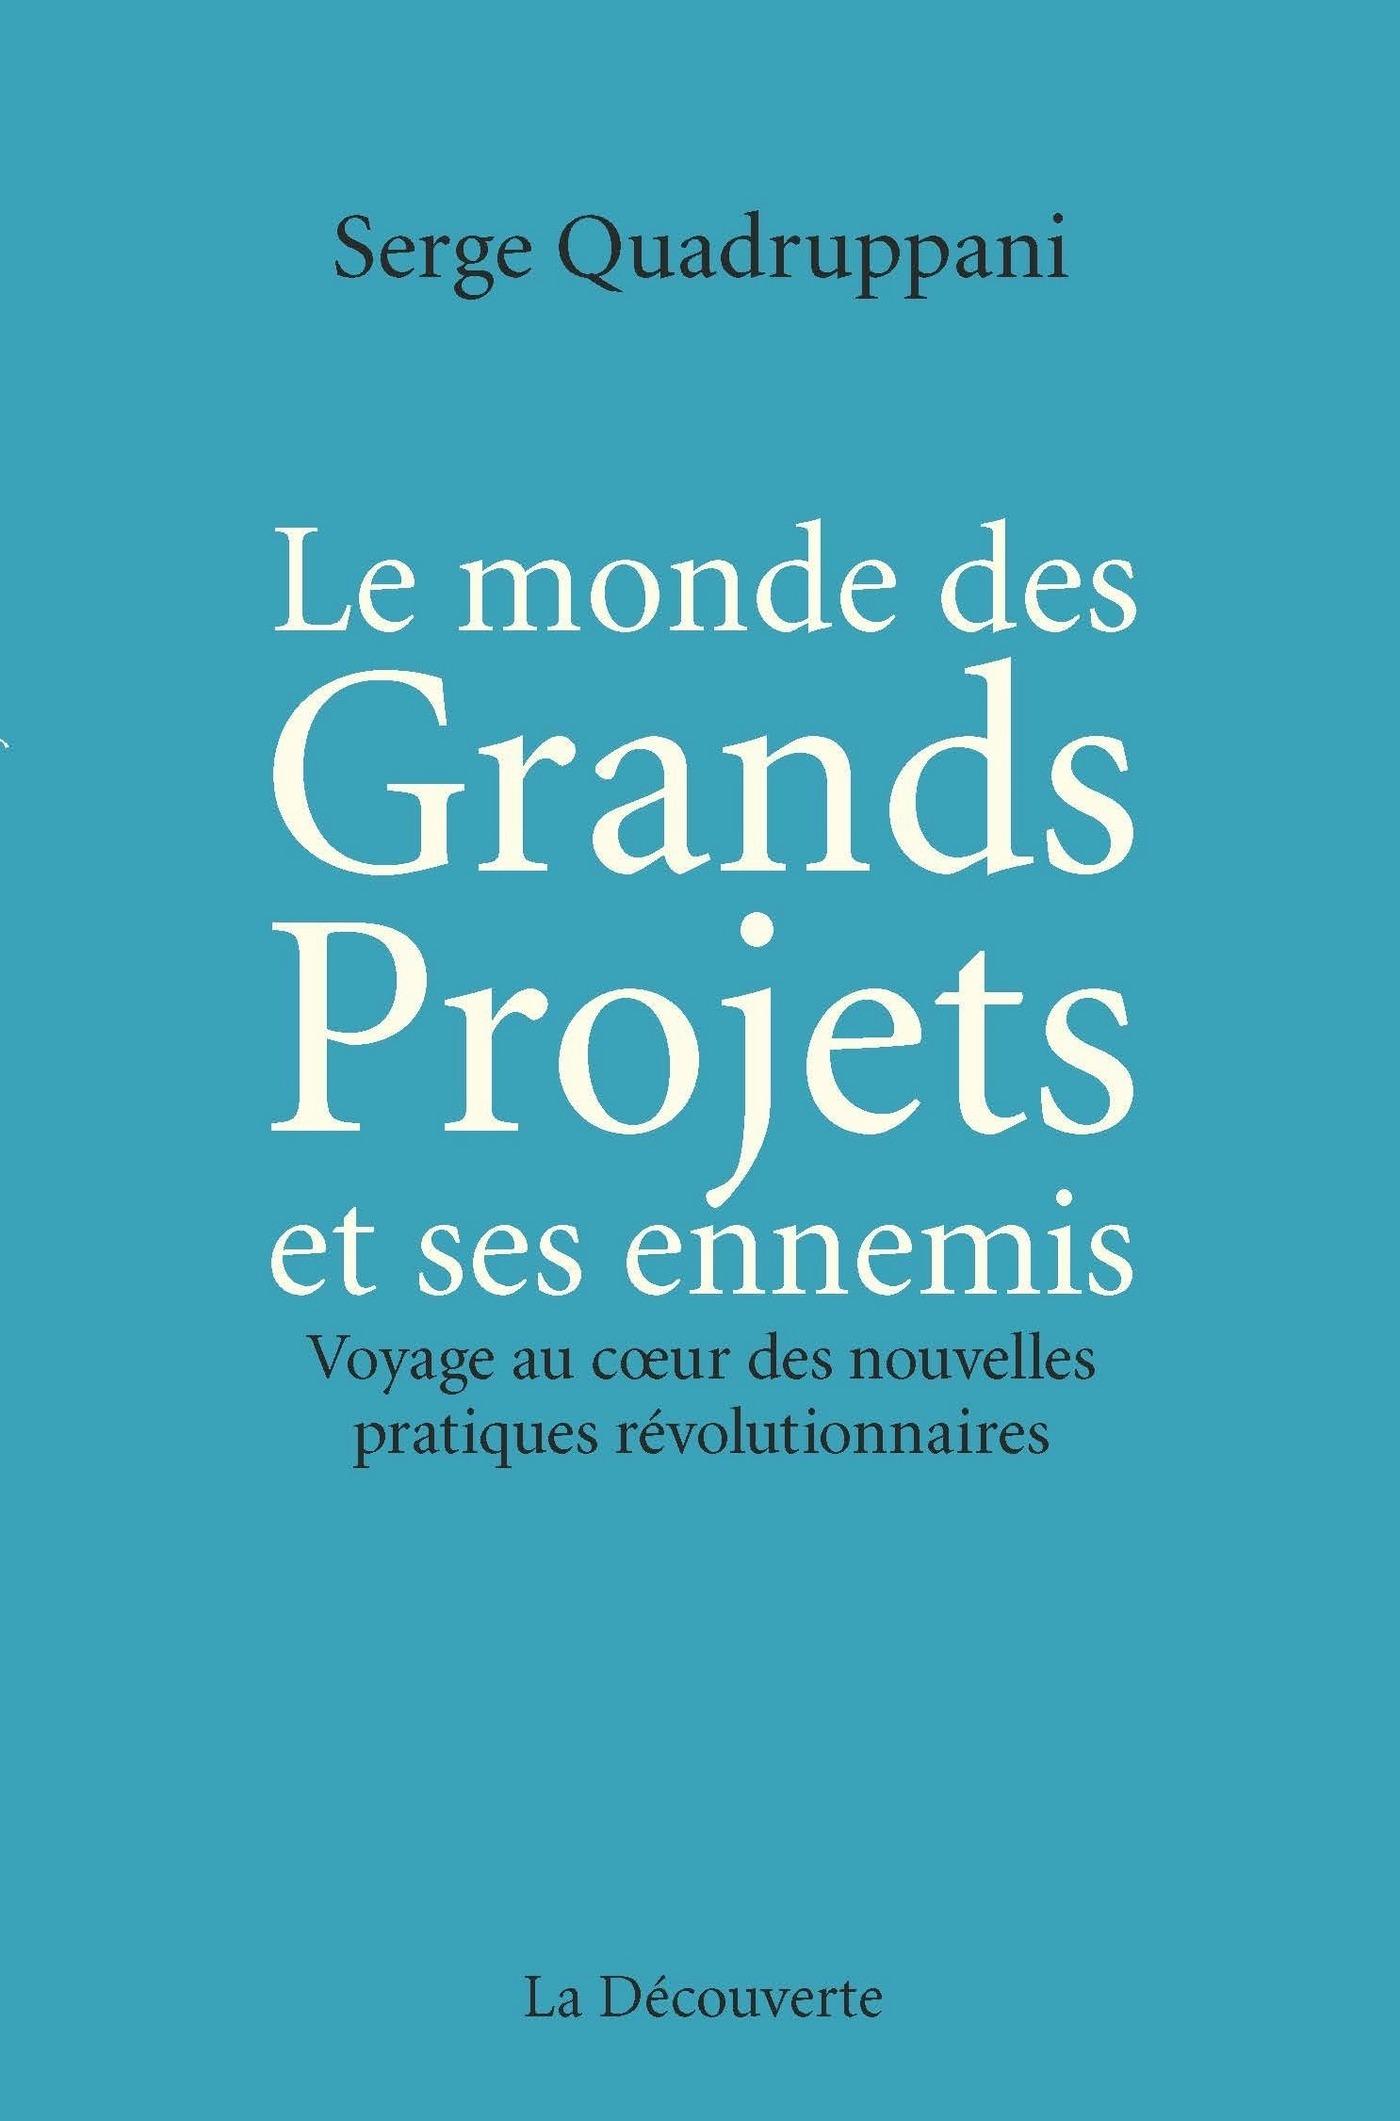 Le monde des Grands Projets et ses ennemis